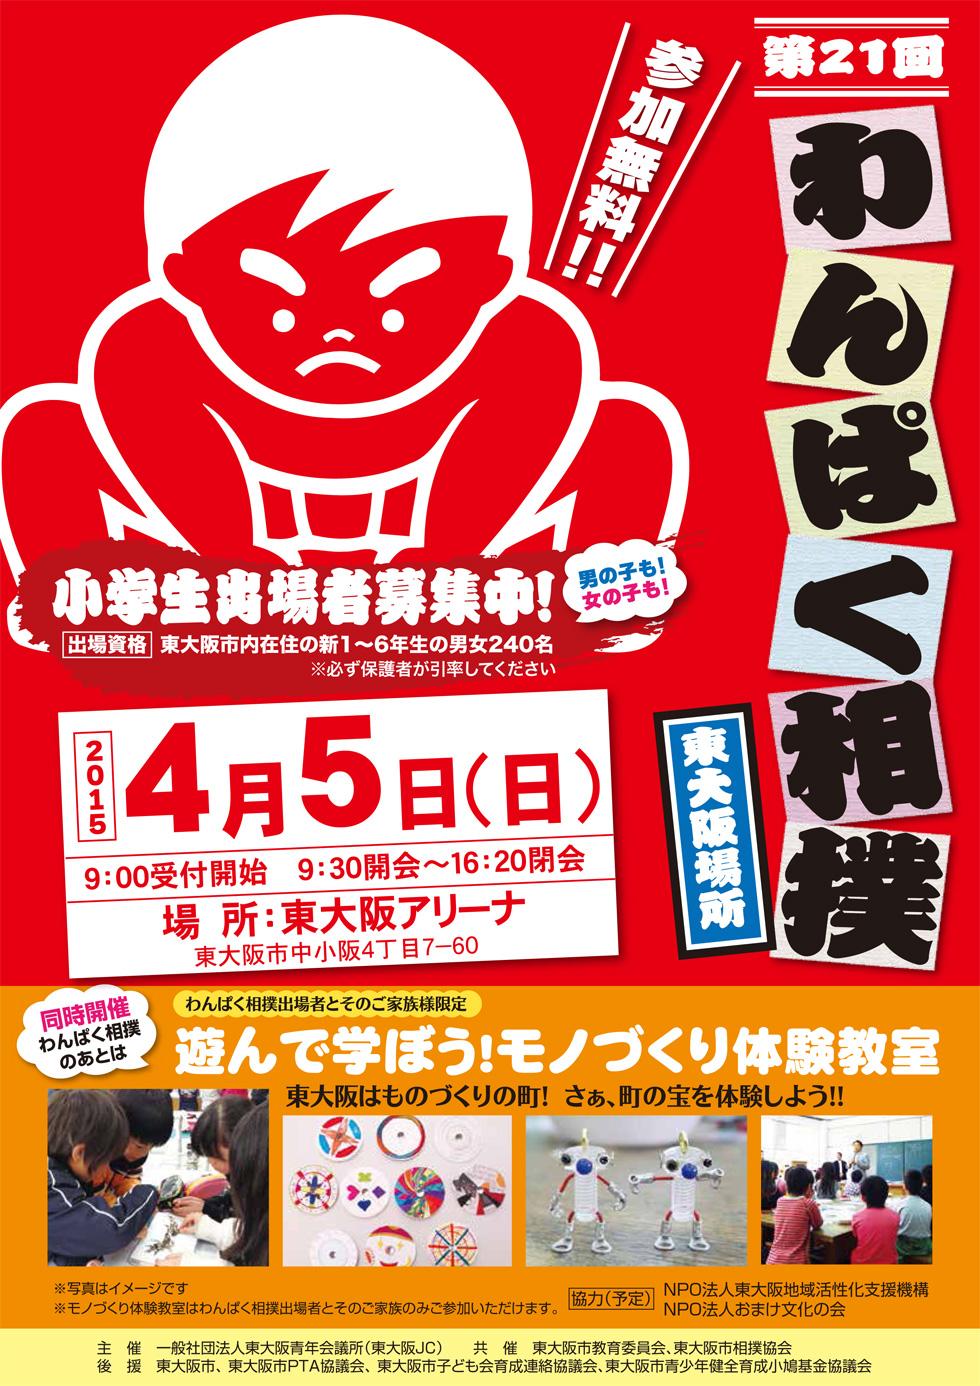 遊んで学ぼう!モノづくり体験教室@わんぱく相撲大会東大阪場所